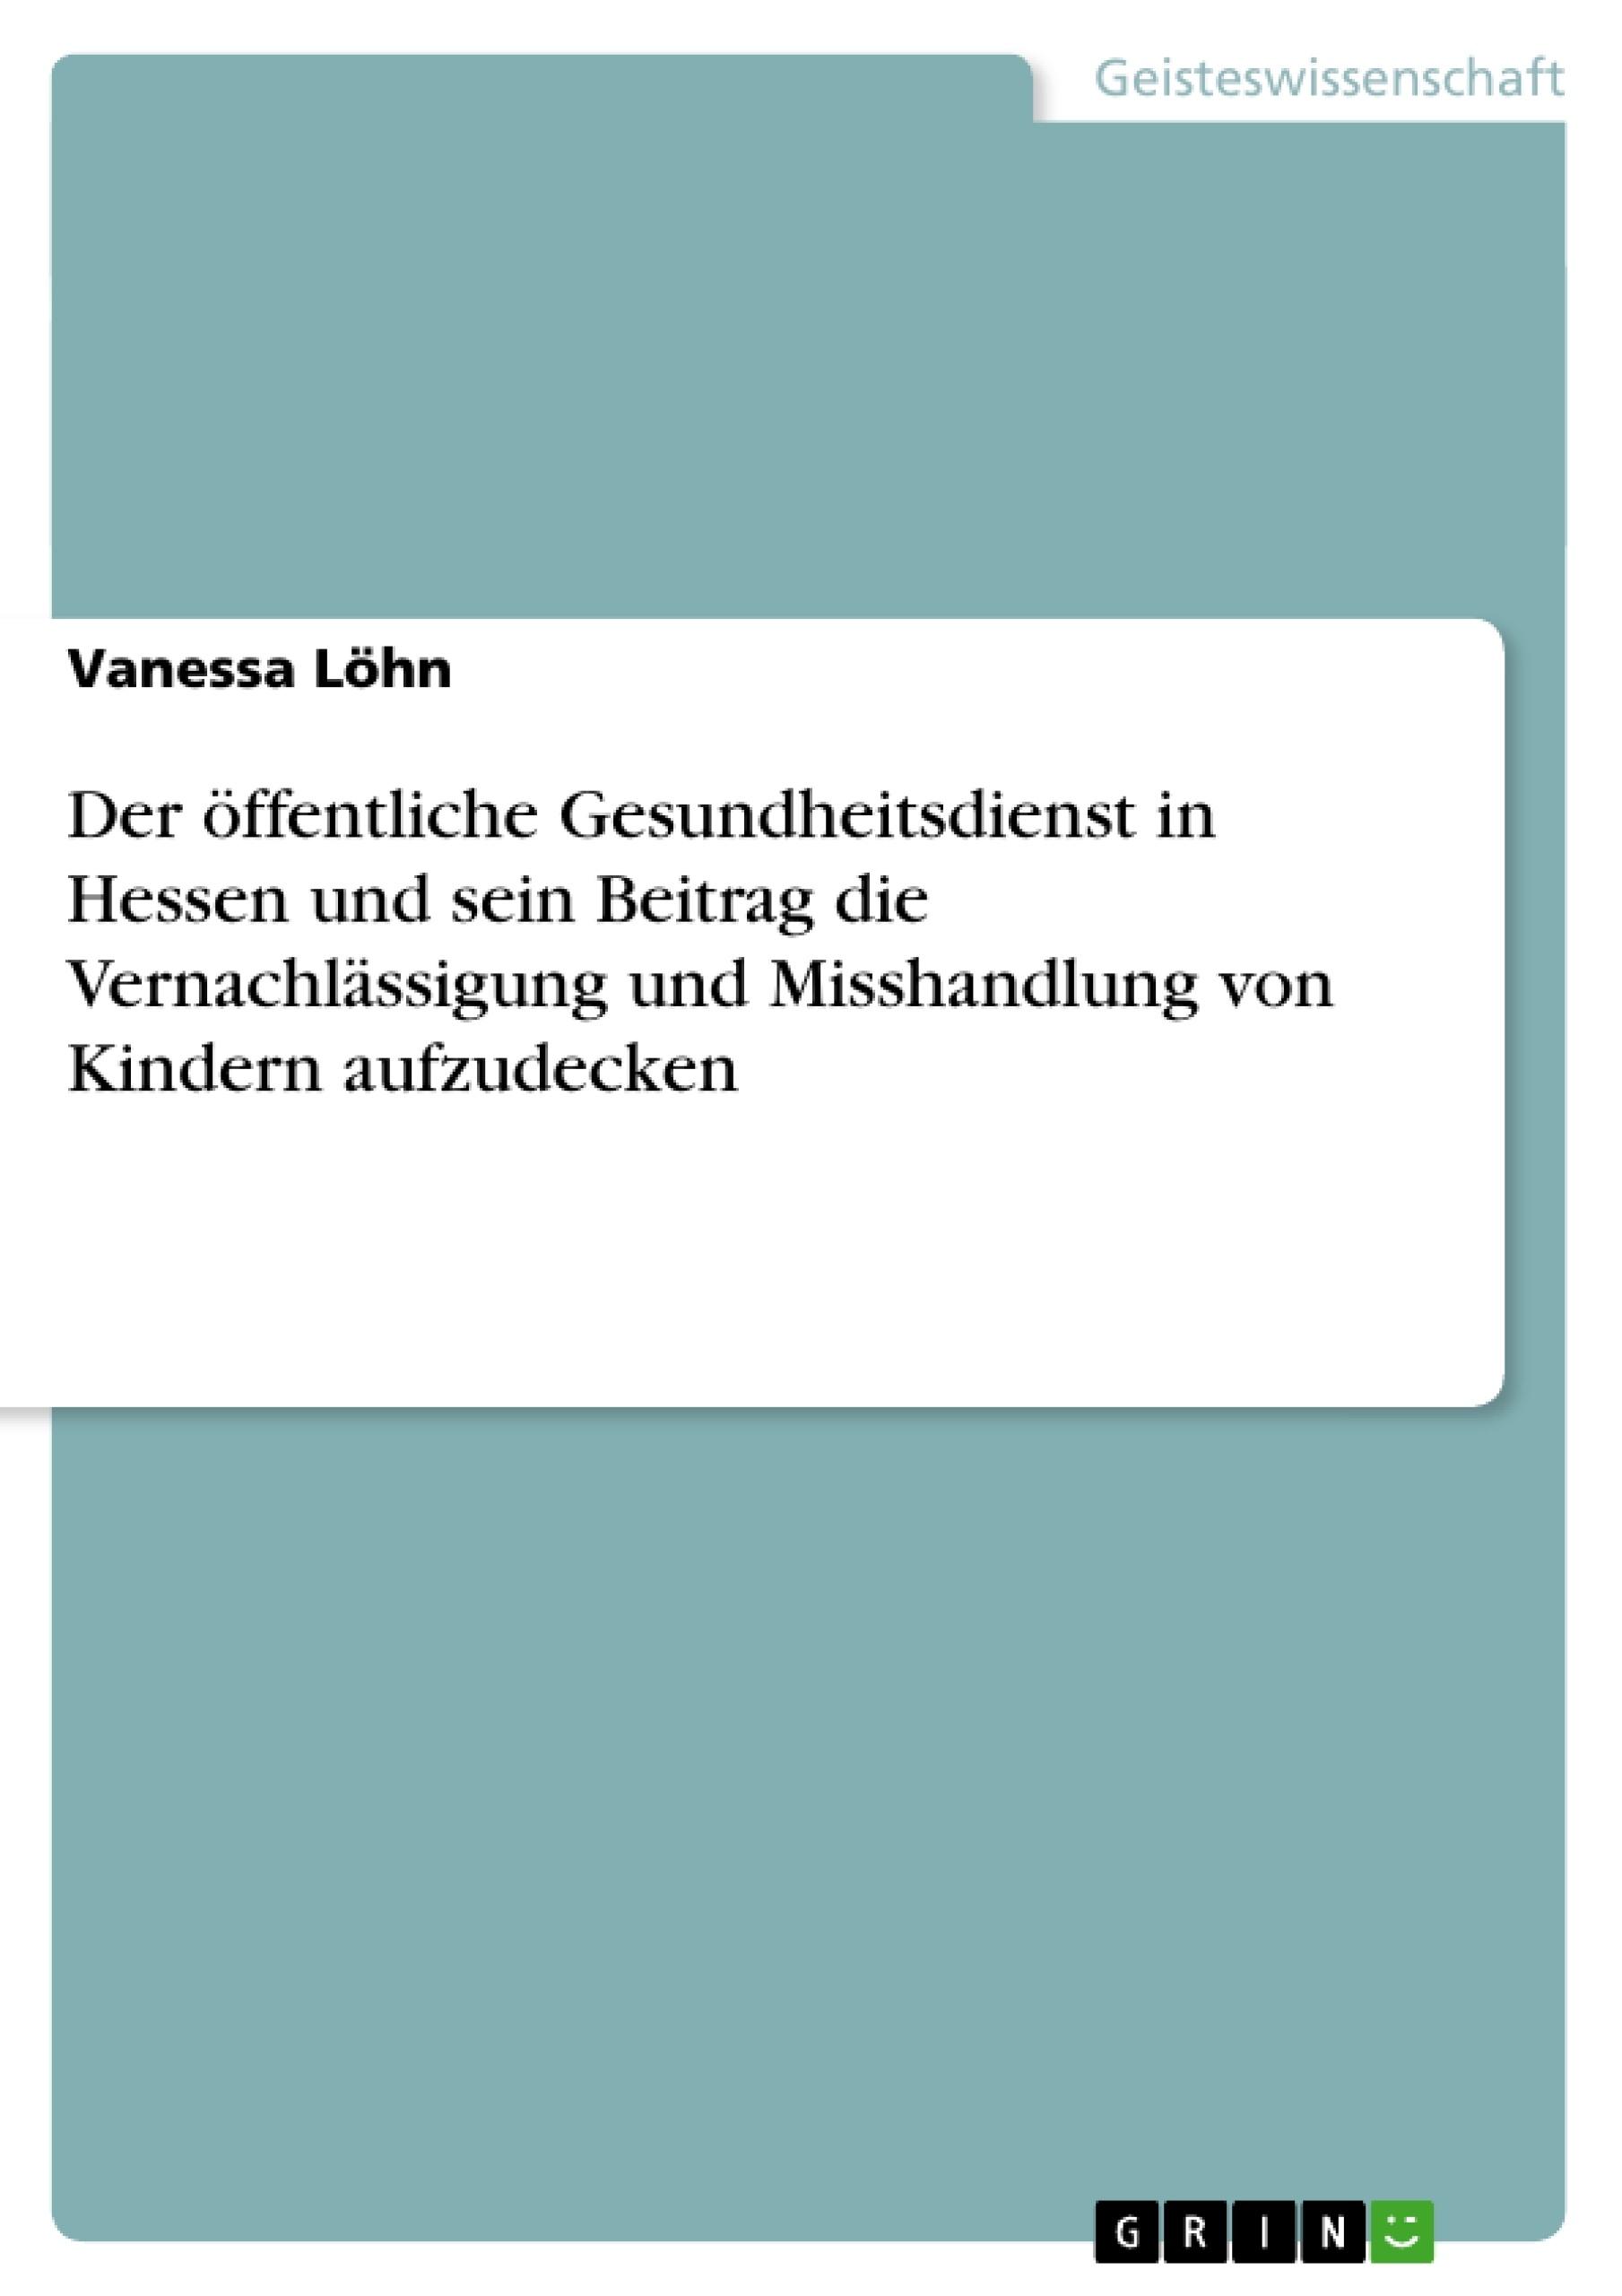 Titel: Der öffentliche Gesundheitsdienst in Hessen und sein Beitrag die Vernachlässigung und Misshandlung von Kindern aufzudecken